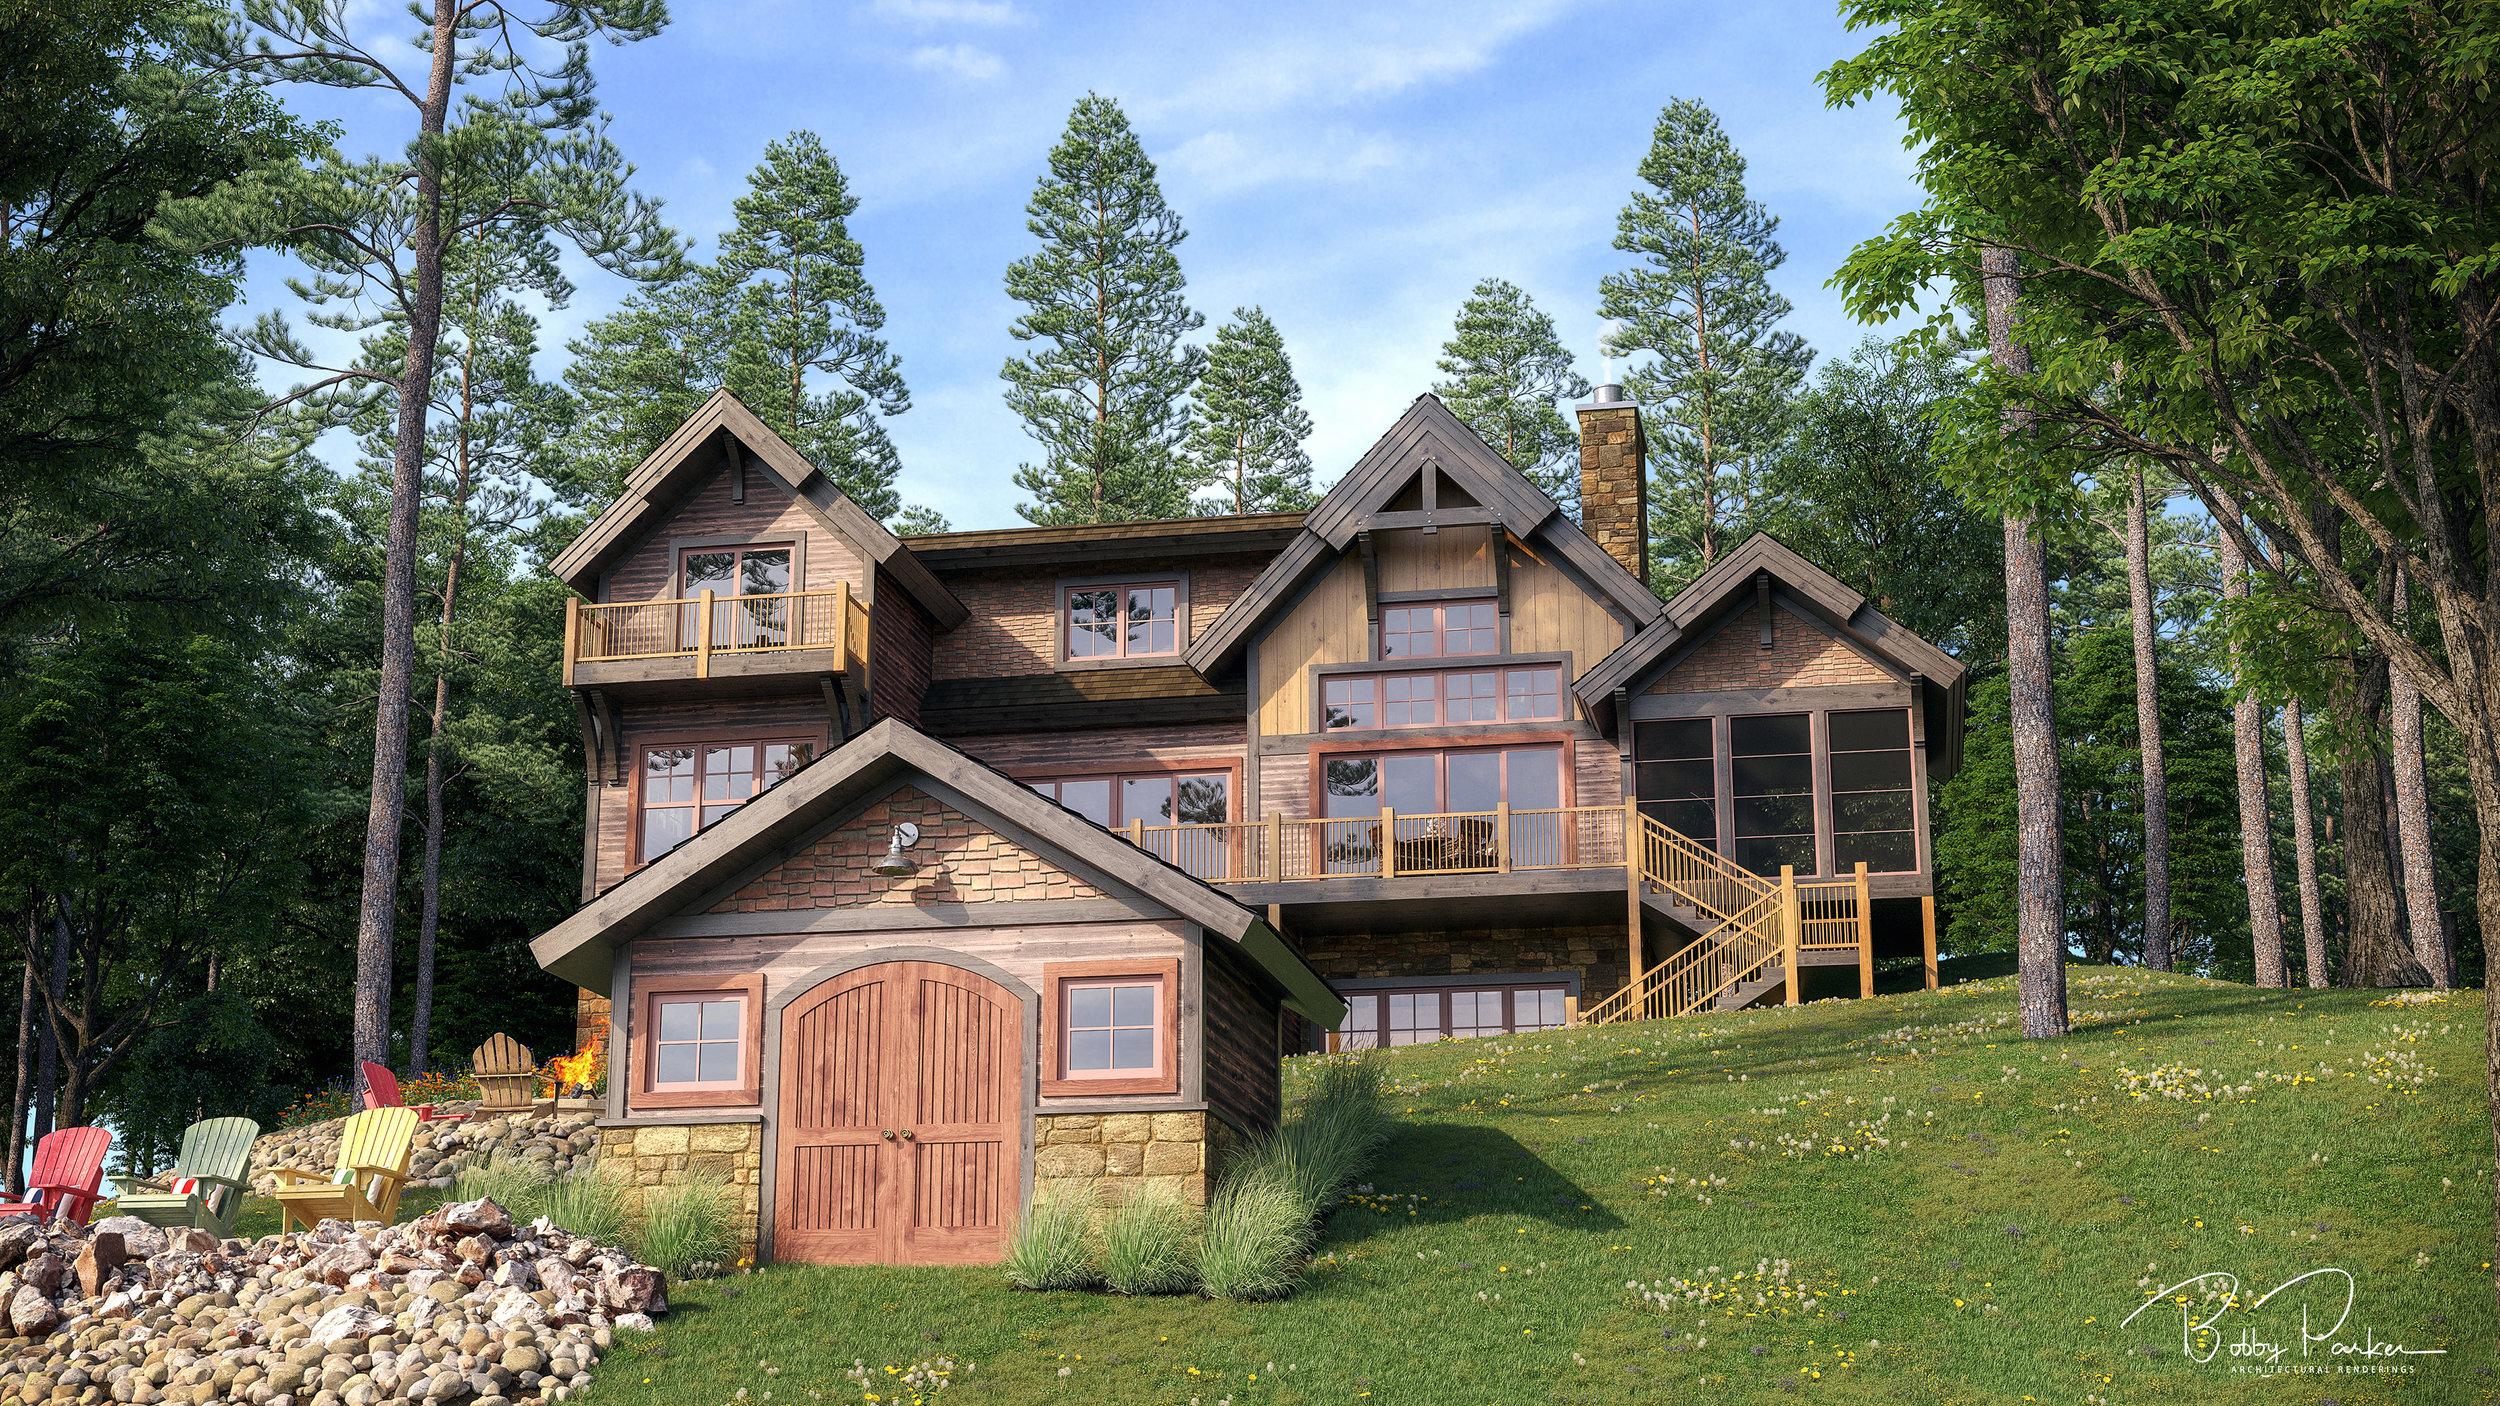 Barr-Residence-back-1.jpg